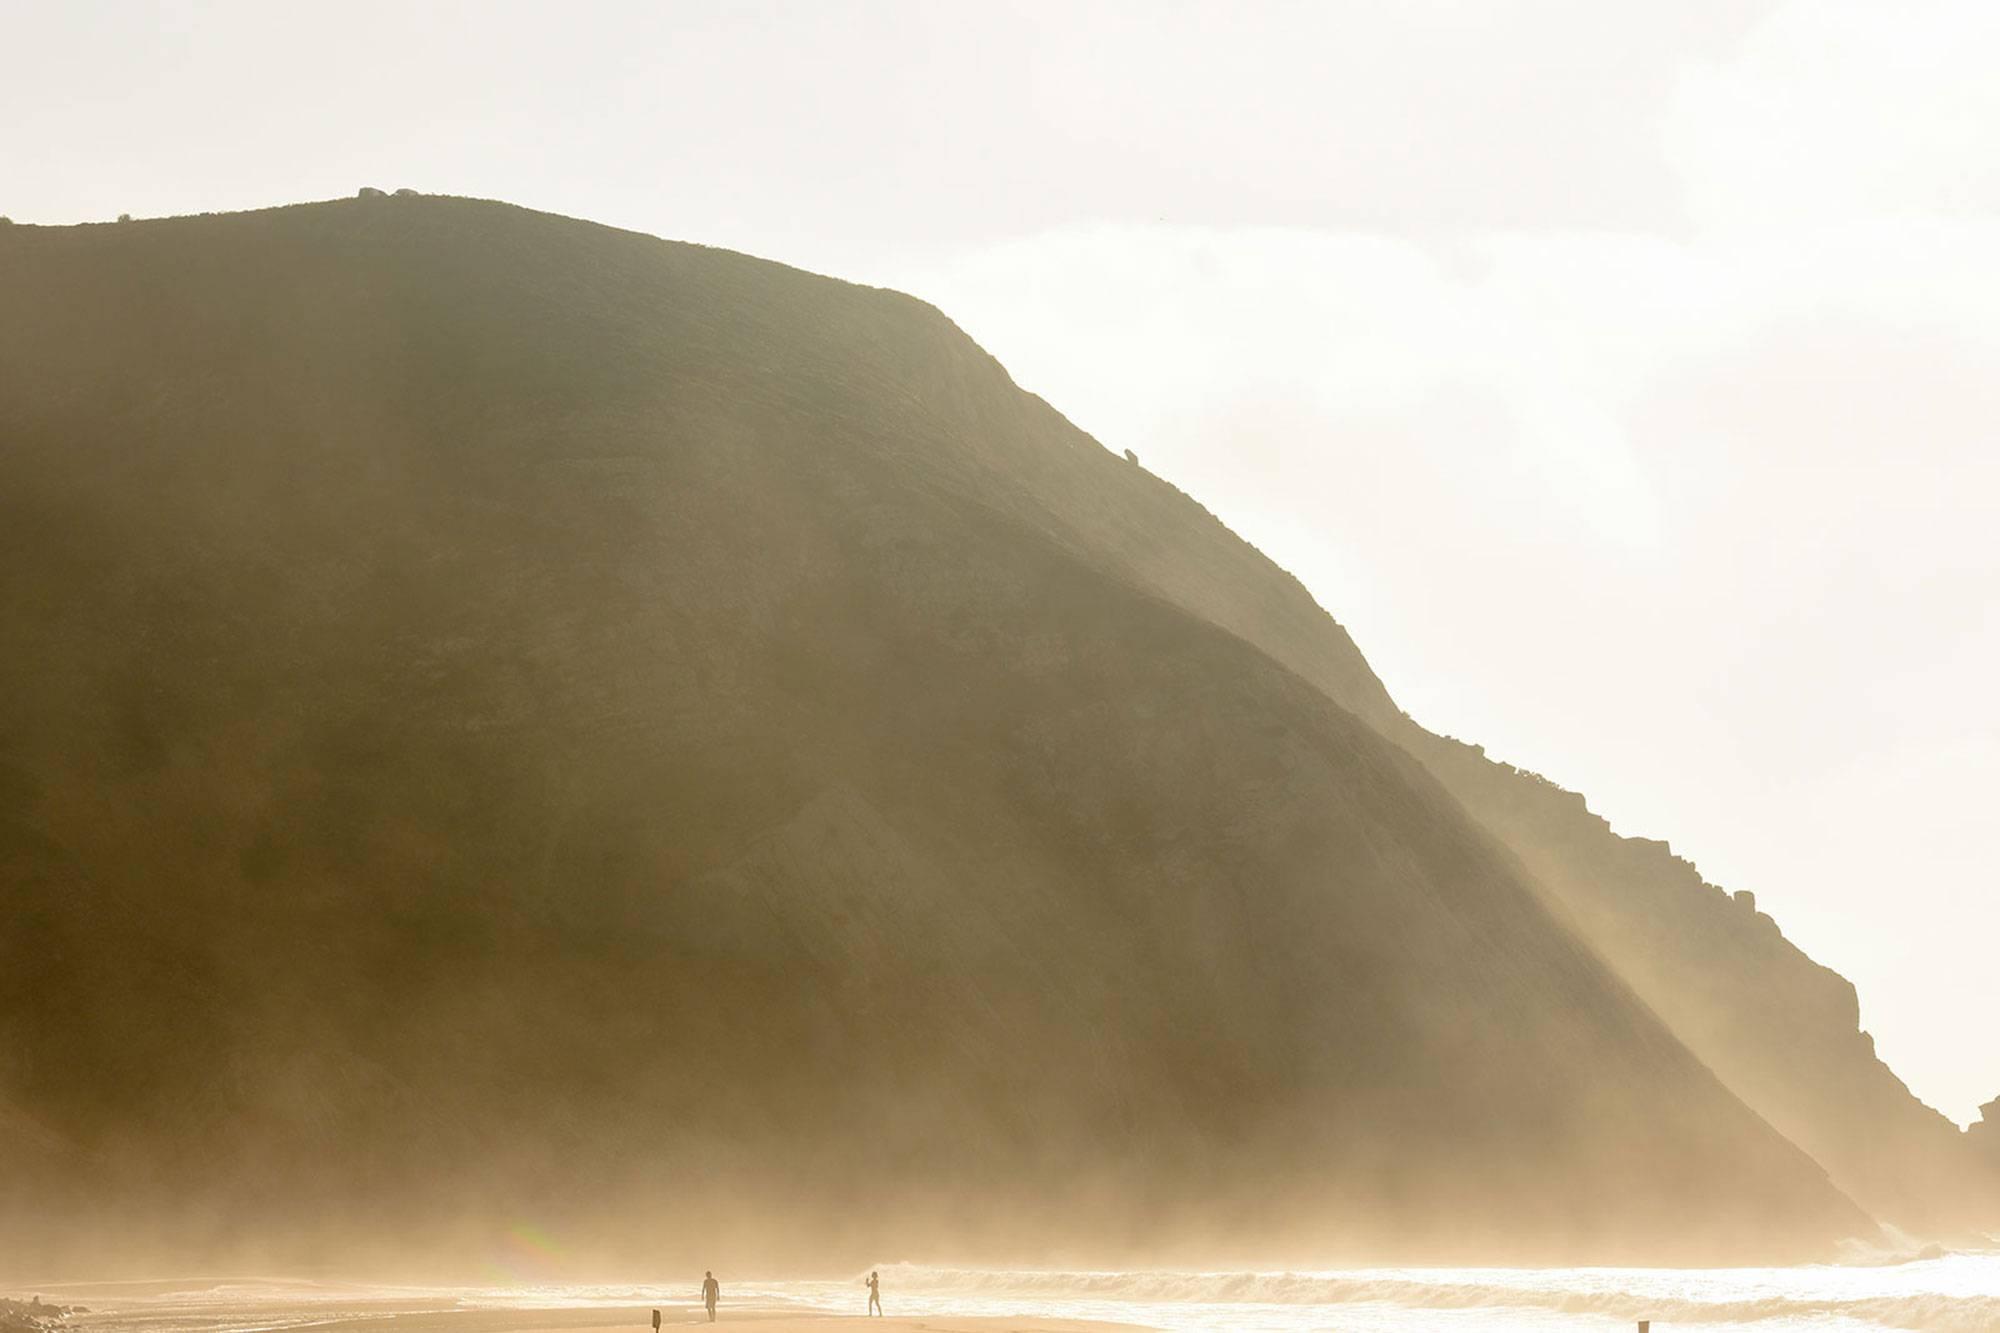 https://www.soulandsurf.com/wp-content/uploads/2021/07/misty-hill-beach.jpeg